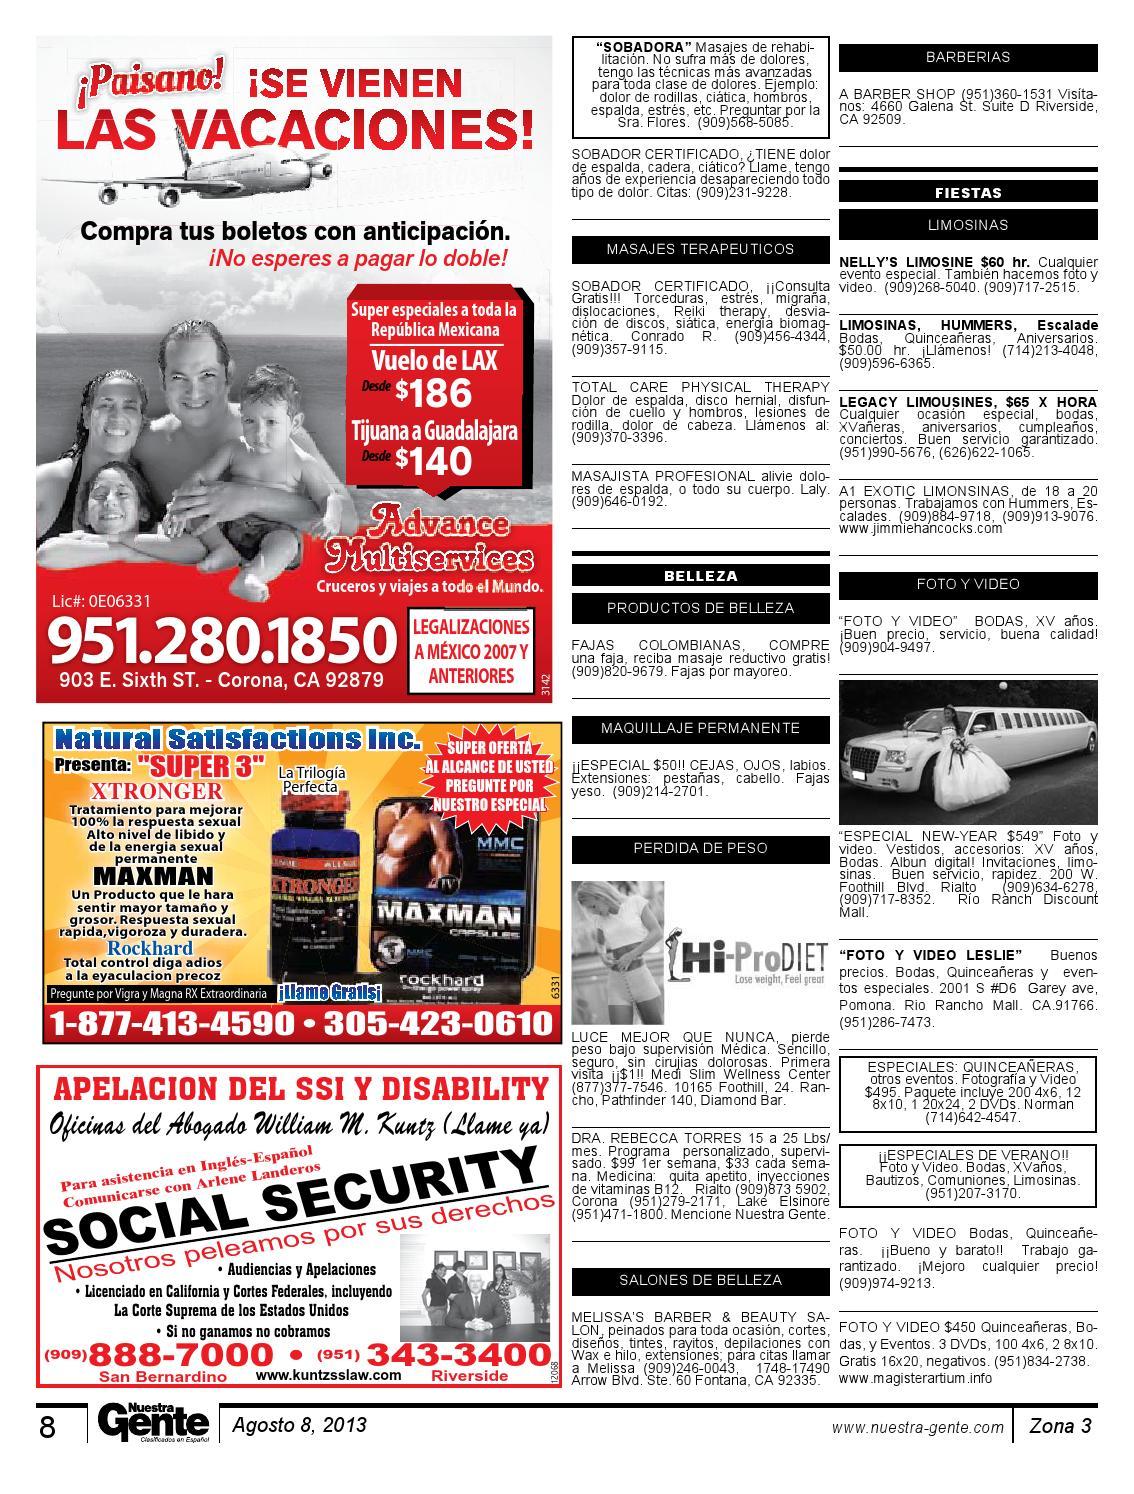 Nuestra Gente 2013 Edicion 32 Zona 3 by Nuestra Gente - issuu